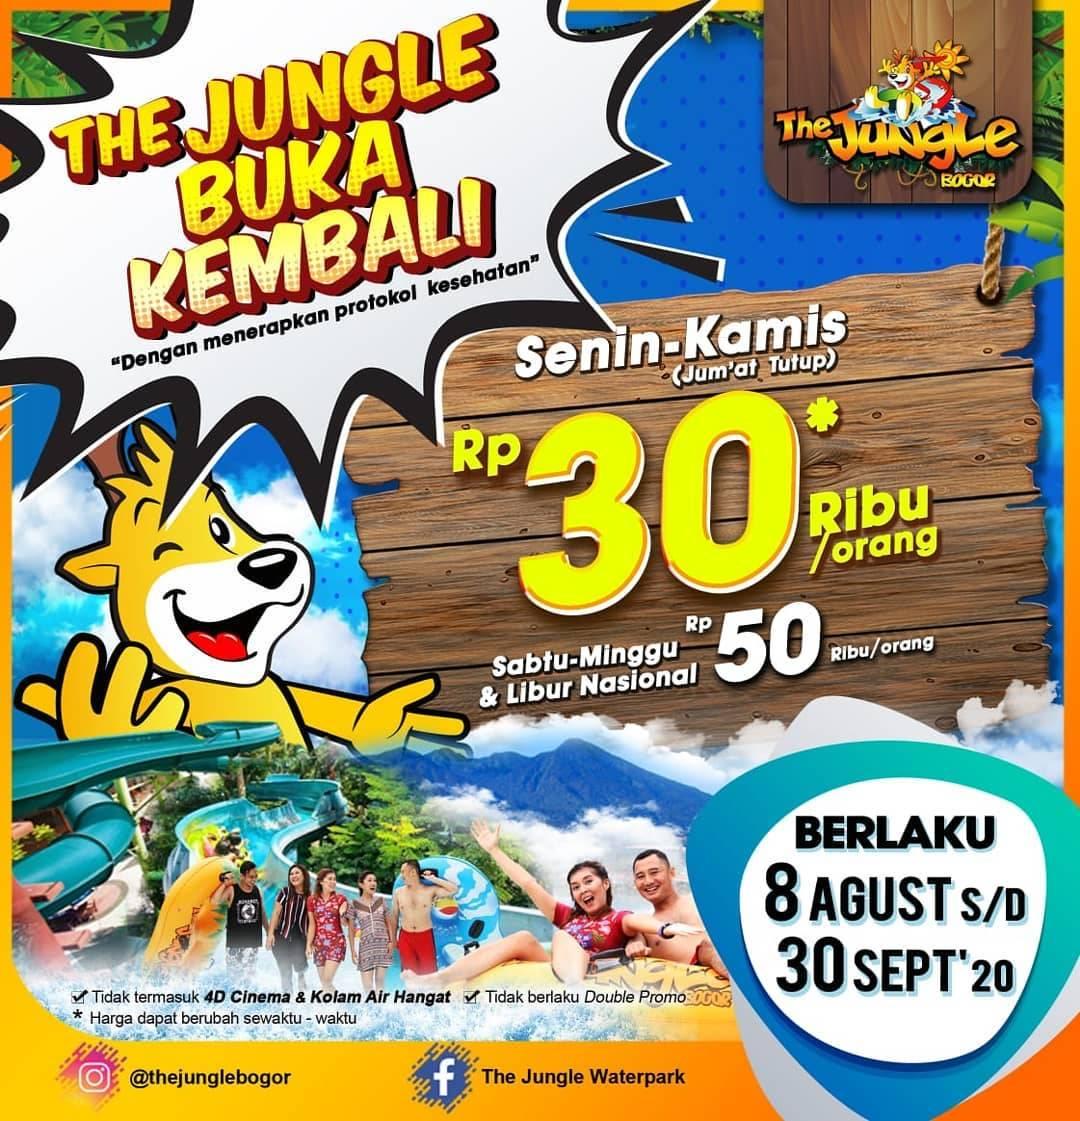 Diskon Promo Harga Tiket The Jungle Mulai Dari Rp. 30.000/ Orang